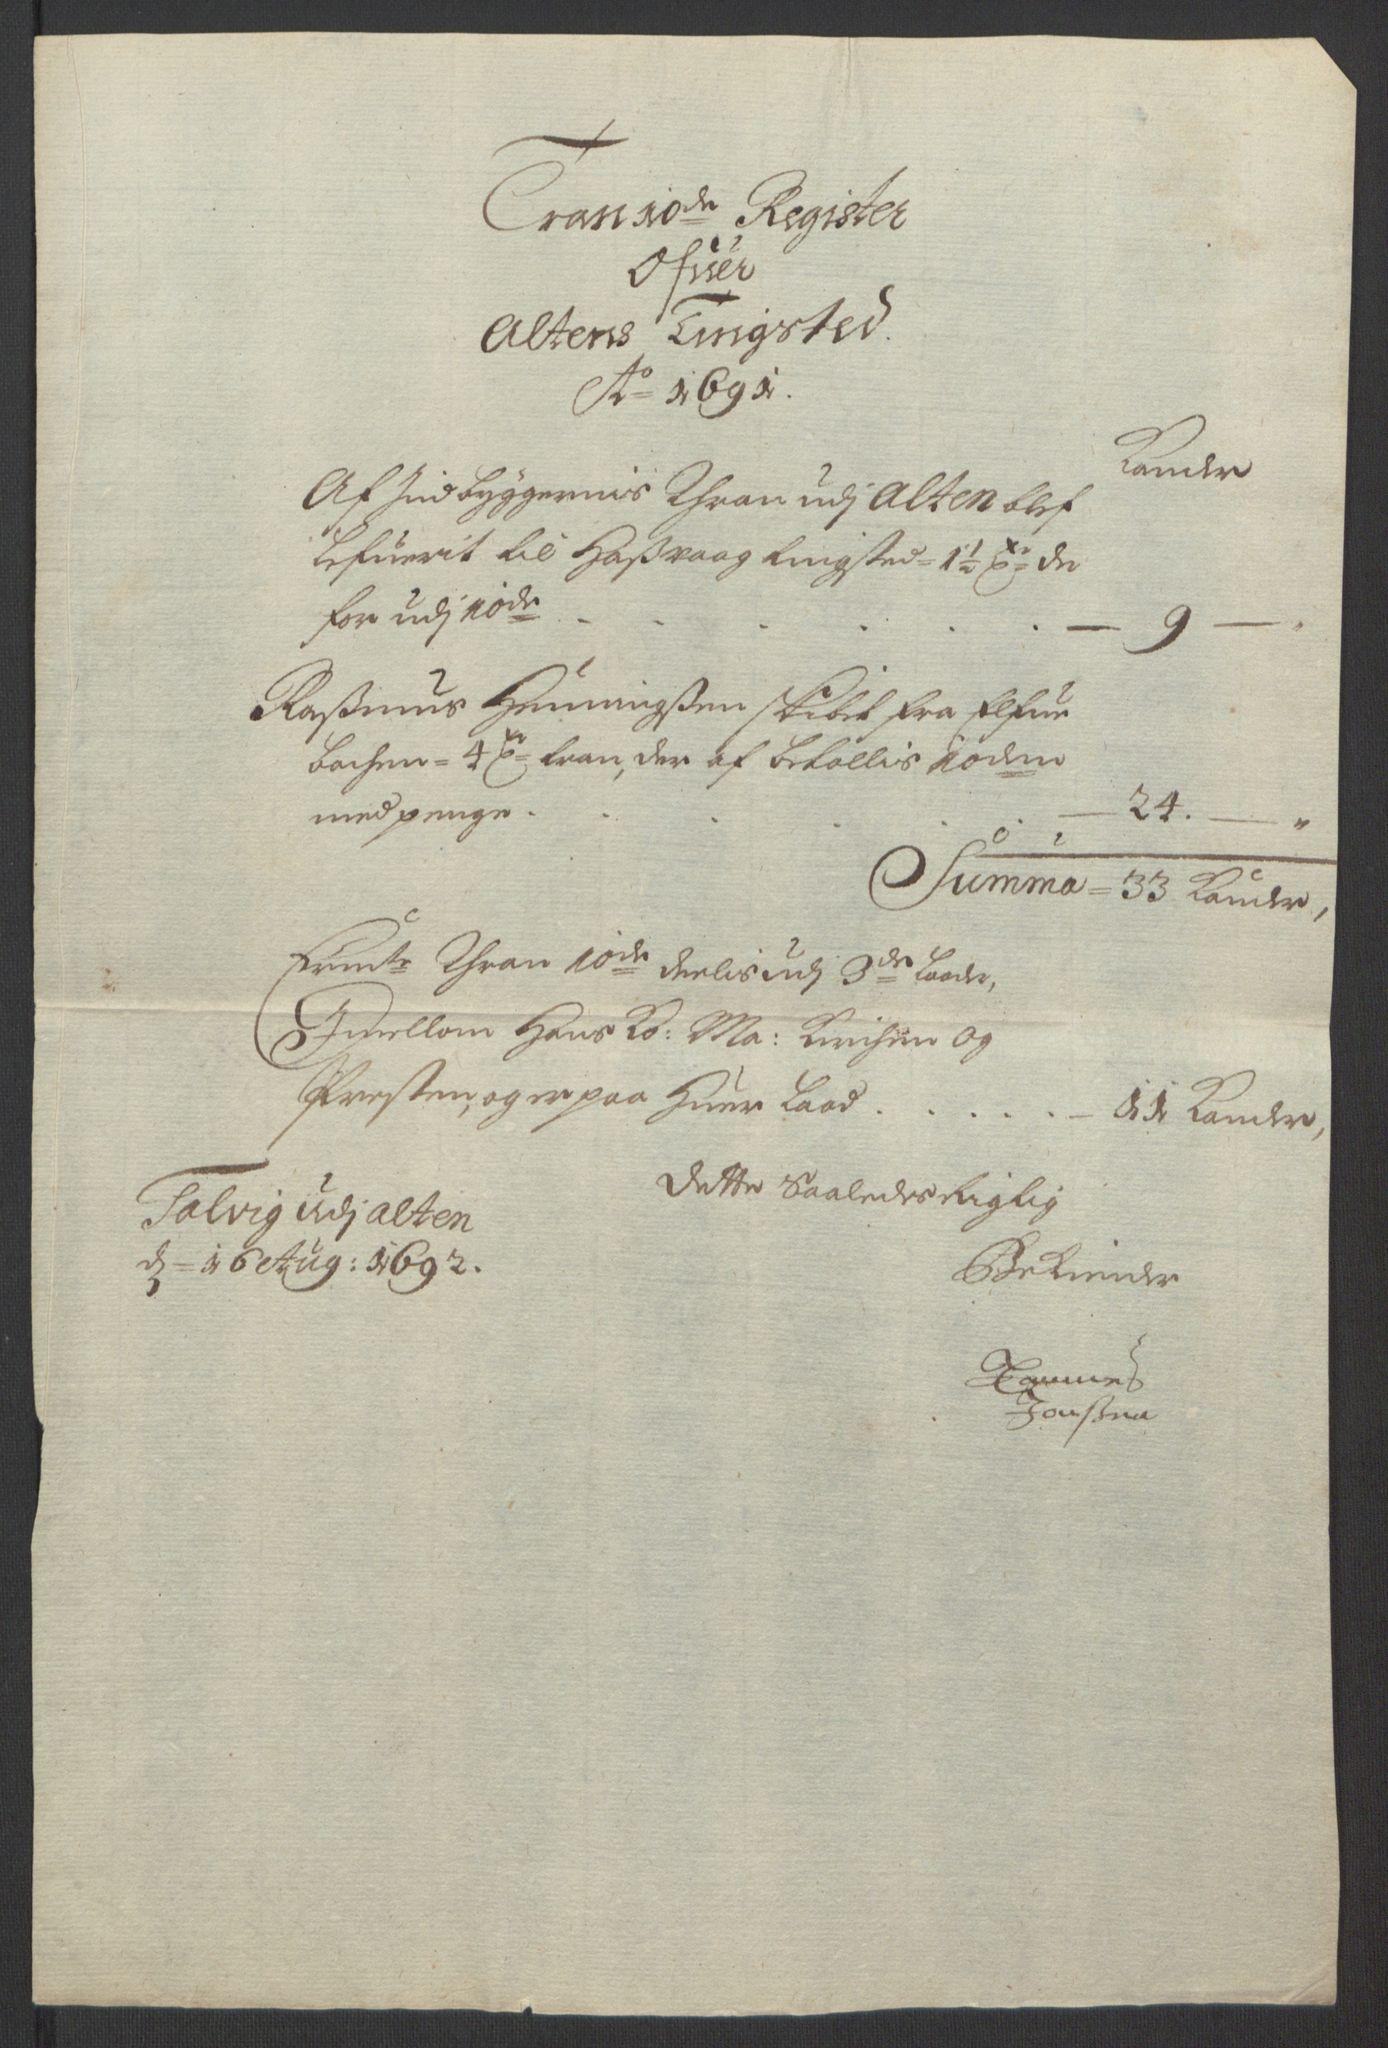 RA, Rentekammeret inntil 1814, Reviderte regnskaper, Fogderegnskap, R69/L4851: Fogderegnskap Finnmark/Vardøhus, 1691-1700, s. 73